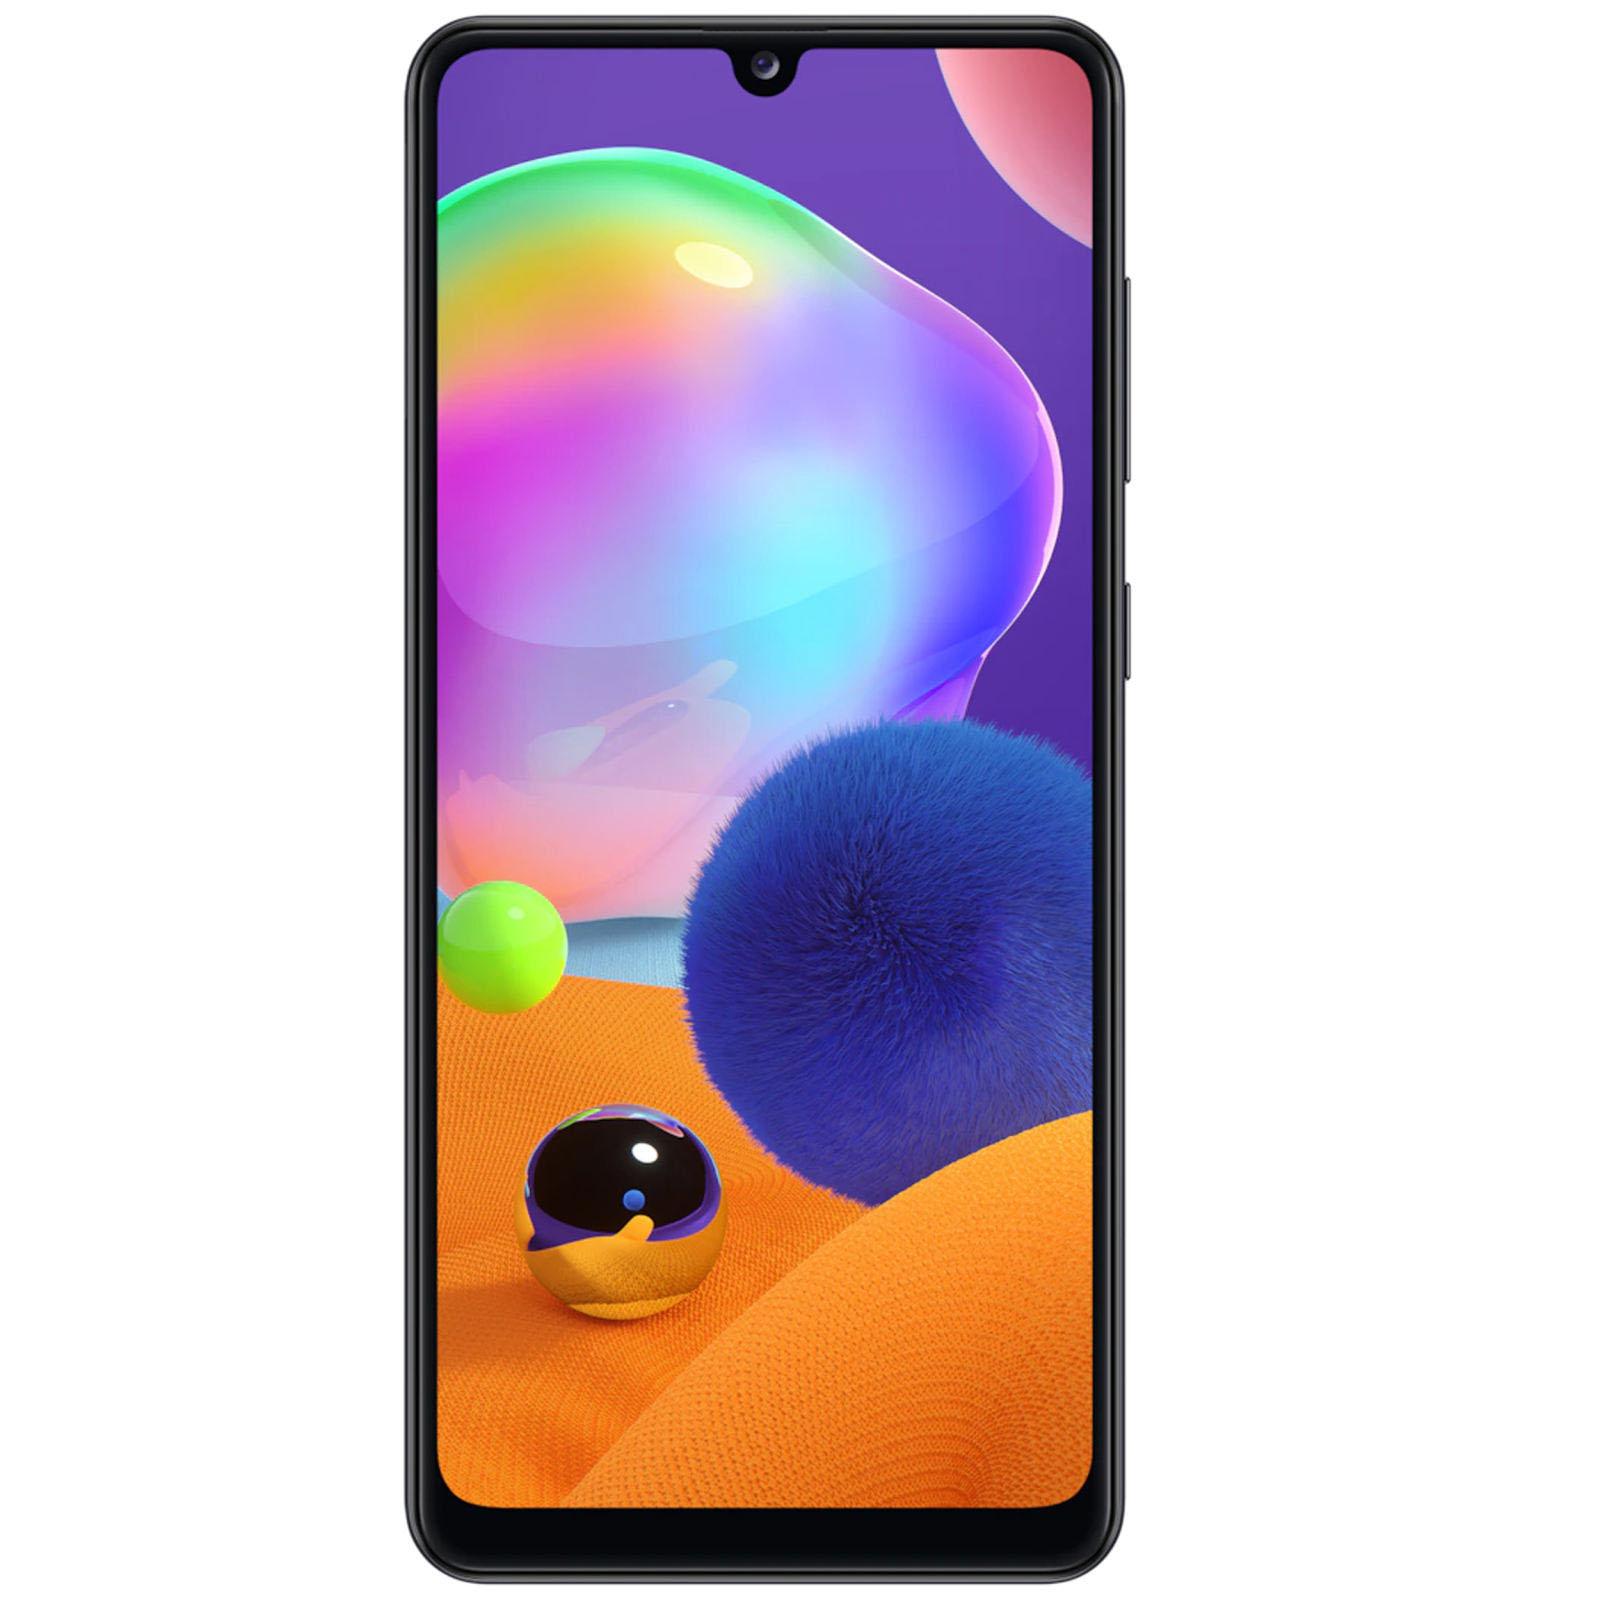 گوشی موبایل سامسونگ مدل Galaxy A31  دو سیم کارت ظرفیت ۱۲۸ گیگابایت